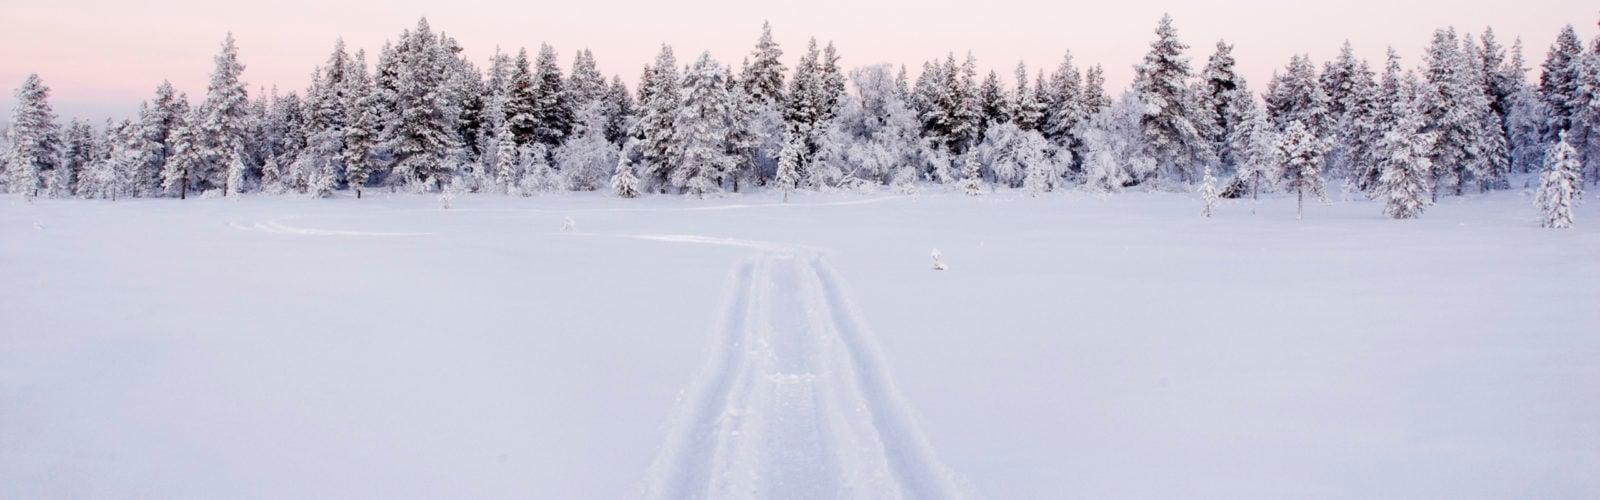 lapland-snowy-landscape